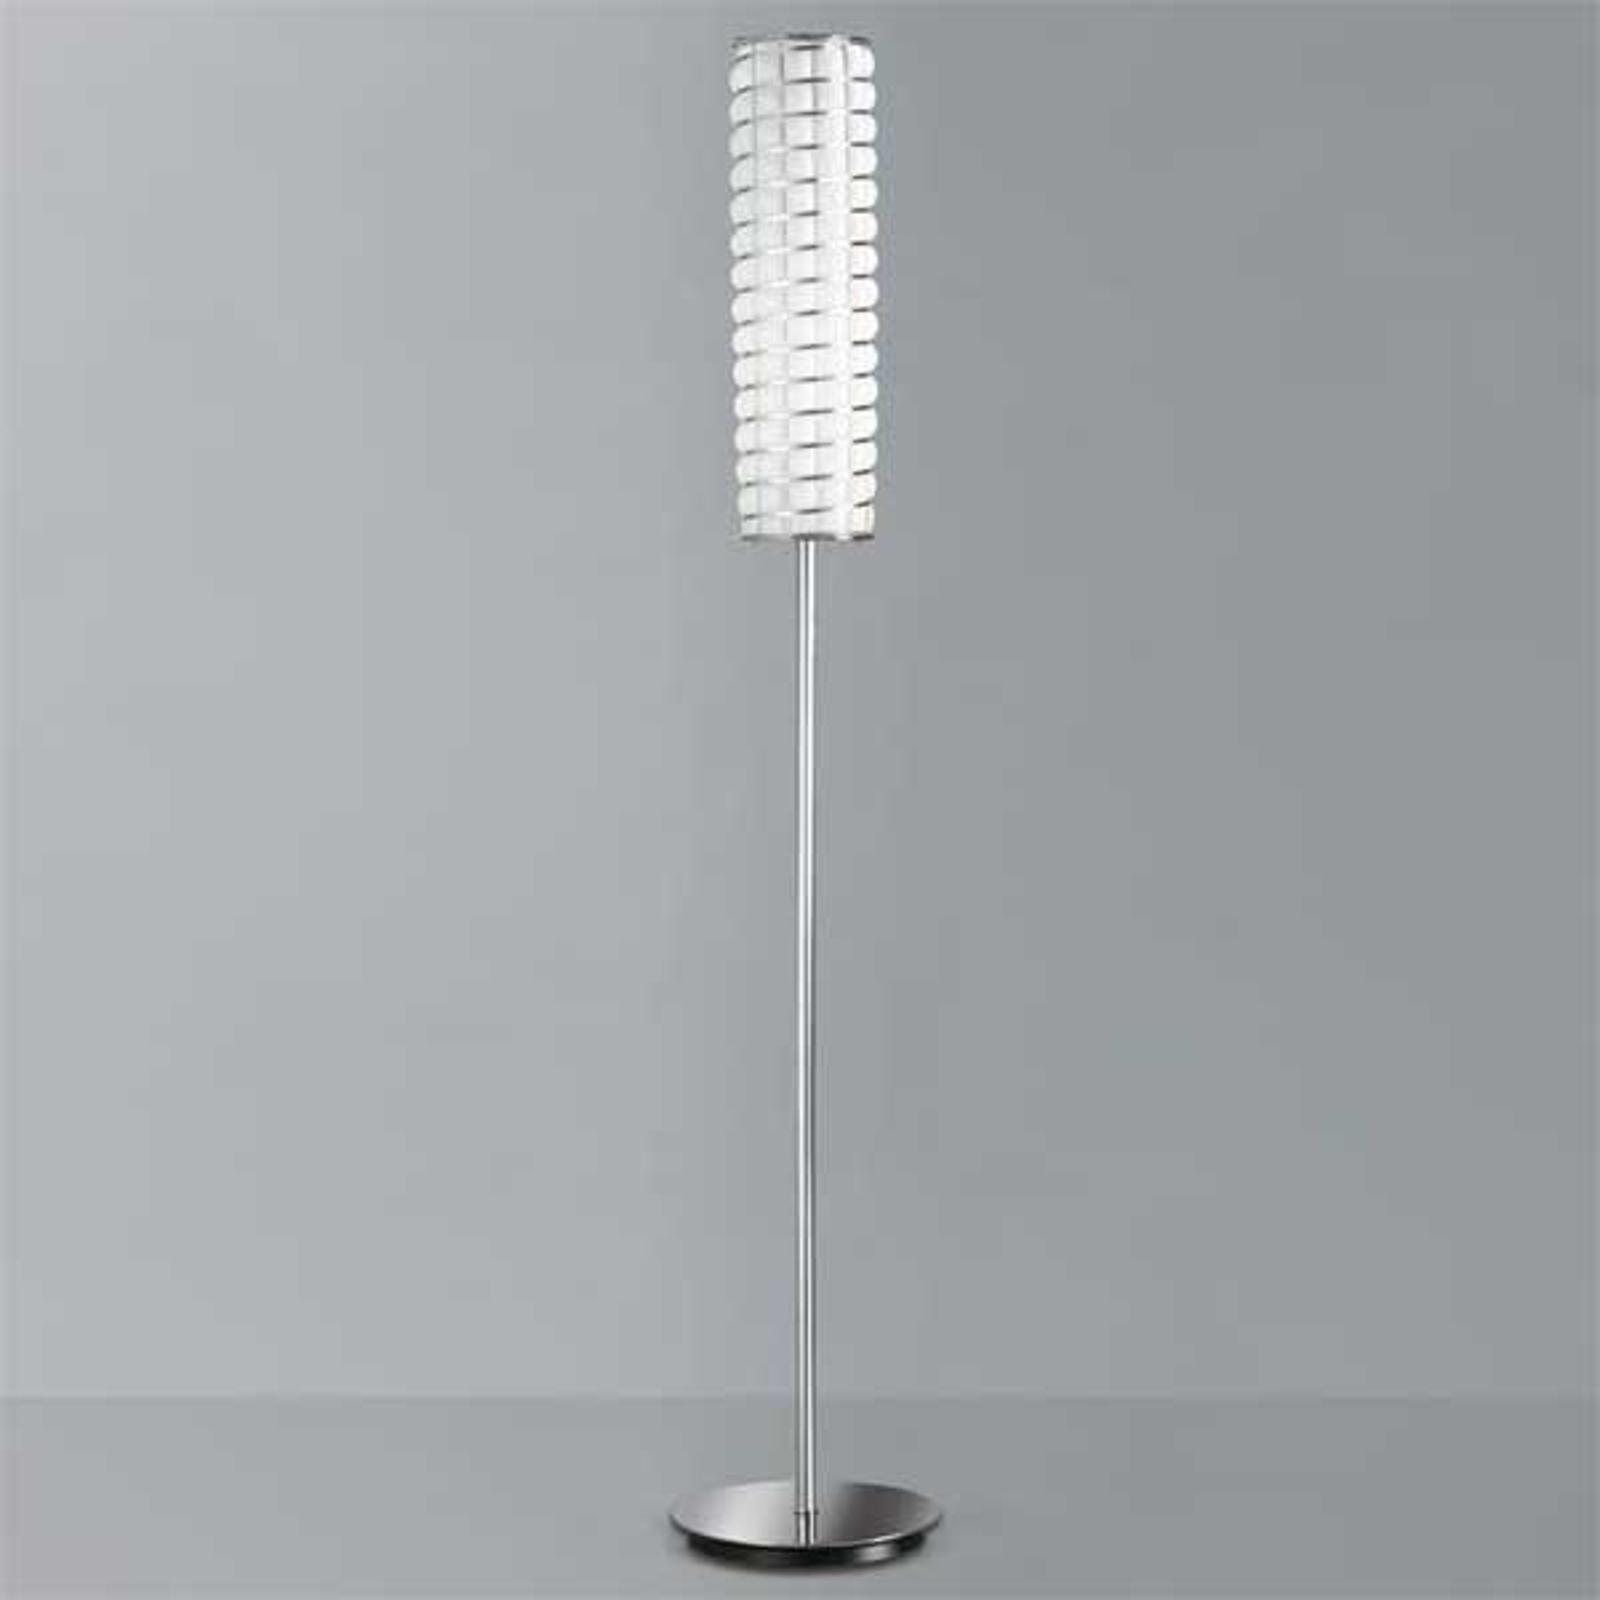 Retro Rete-lattiavalaisin 61 cm